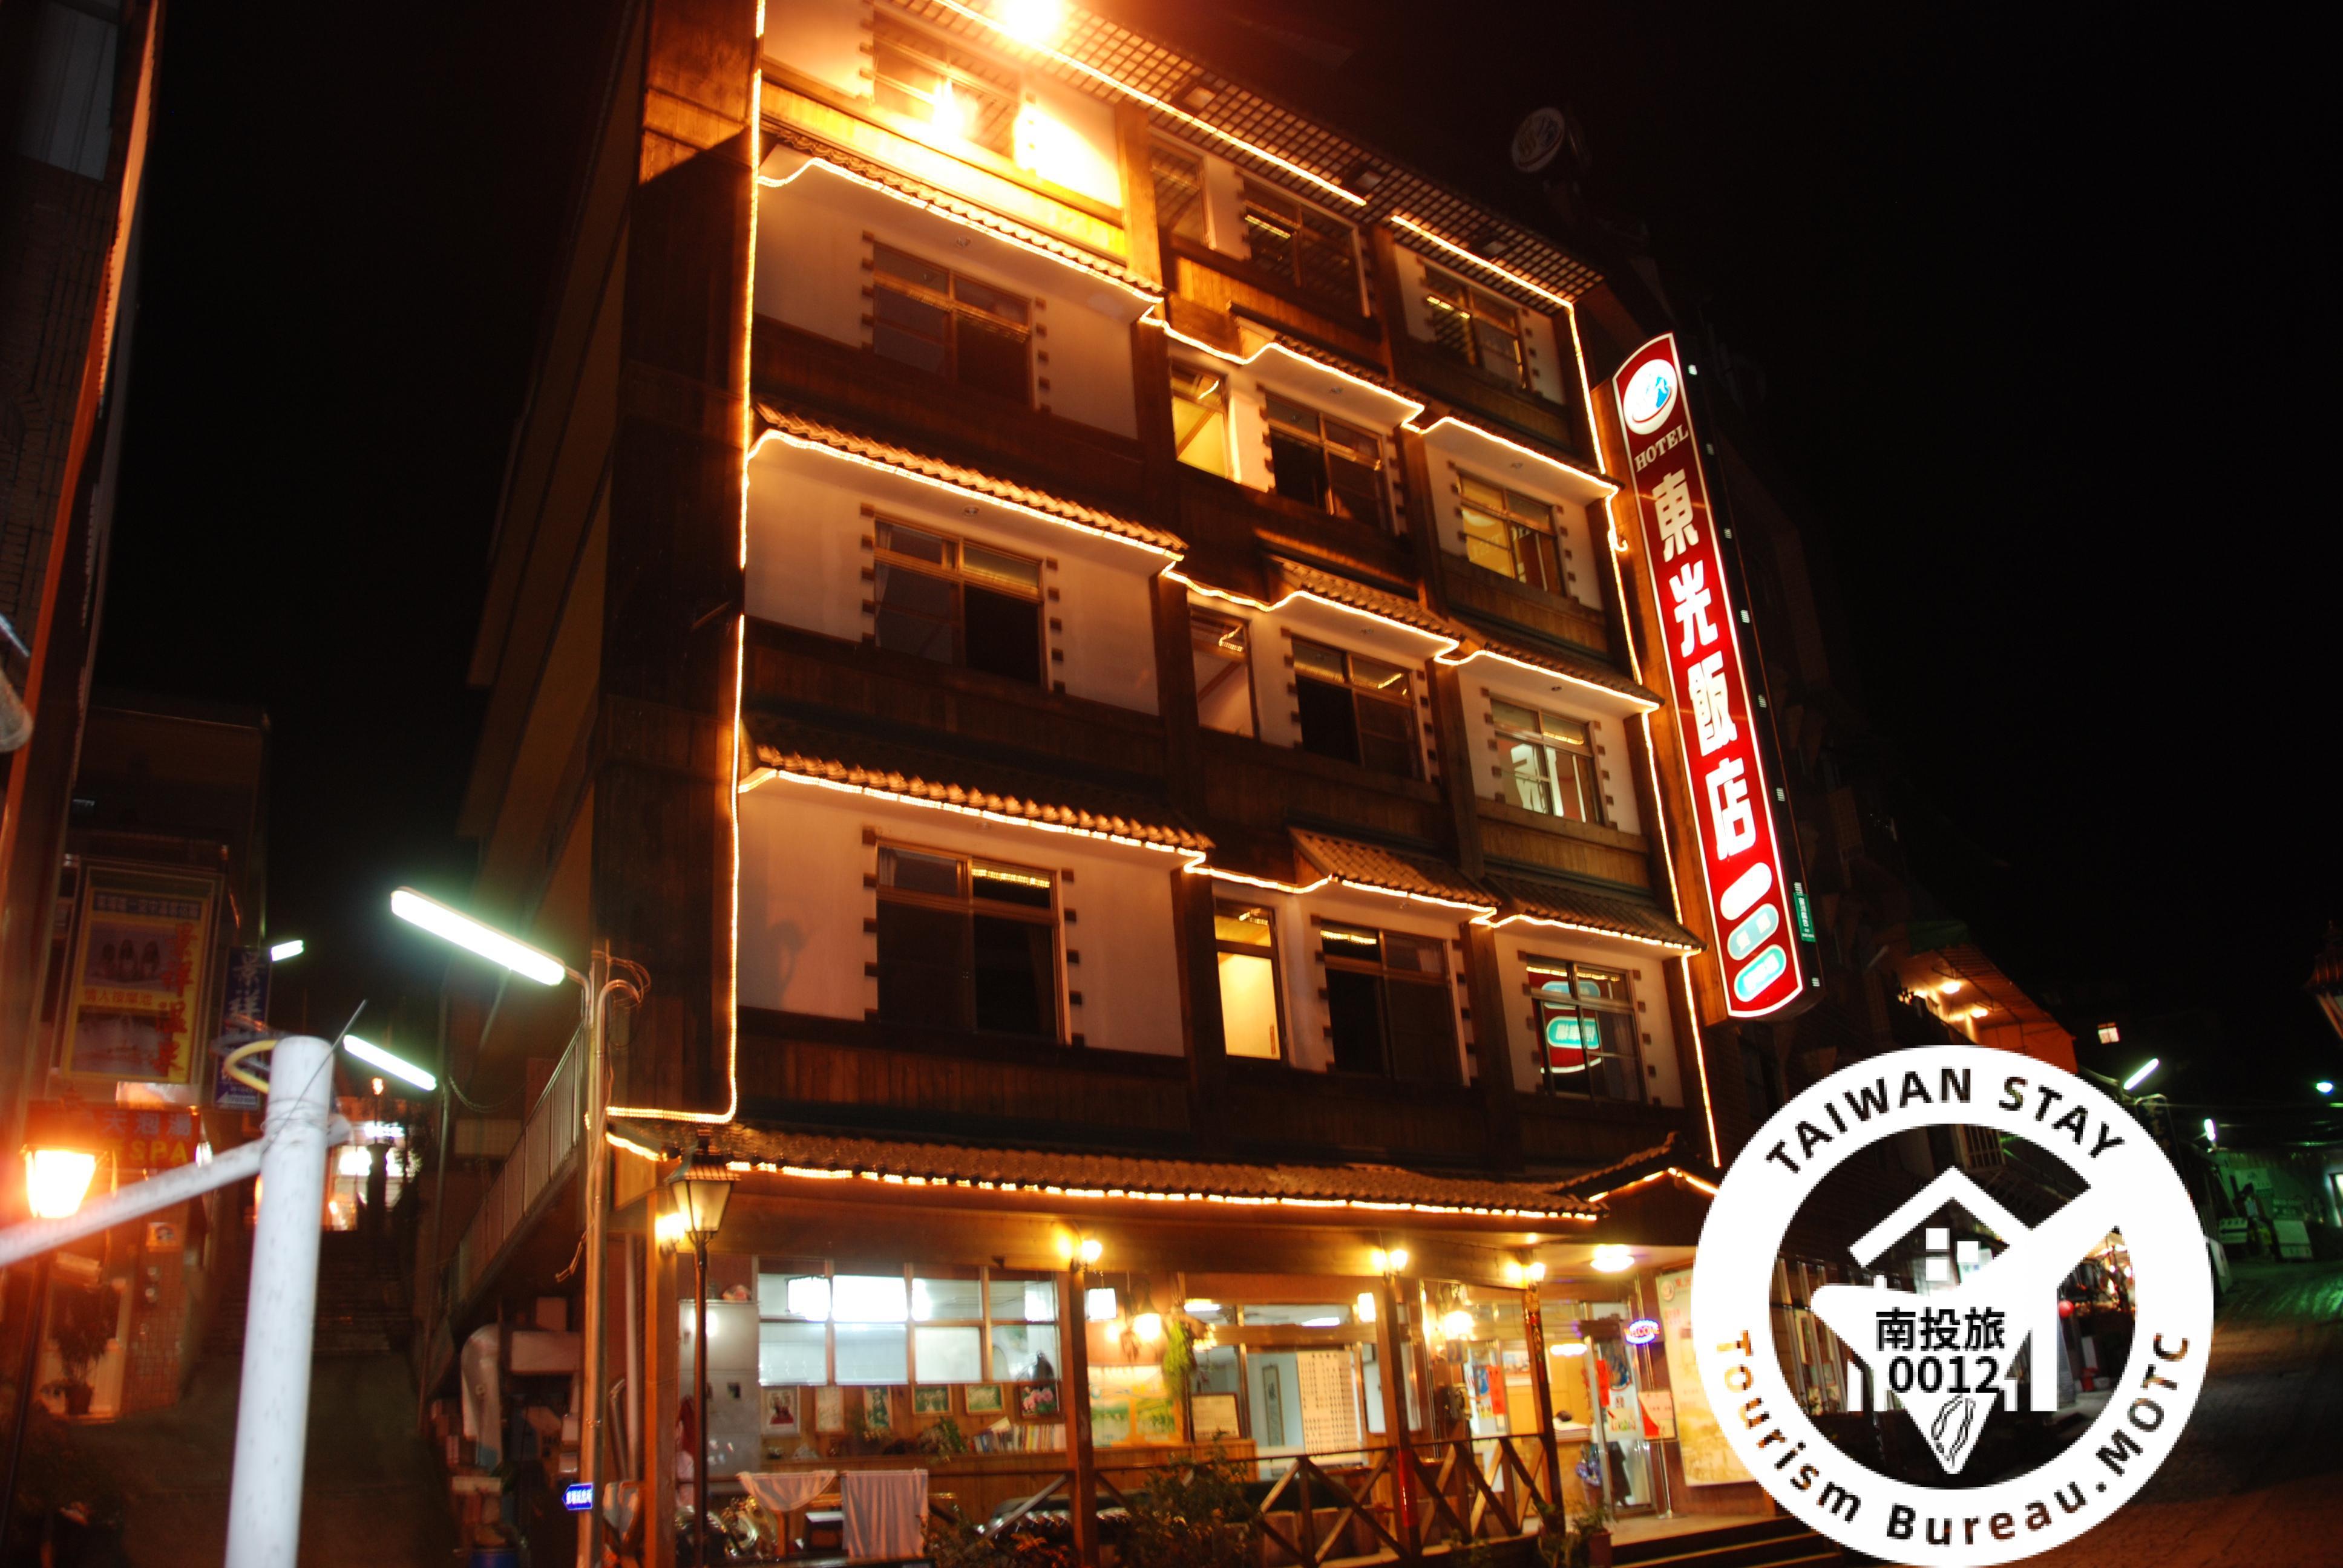 Dong Guang Hot Spring Hotel